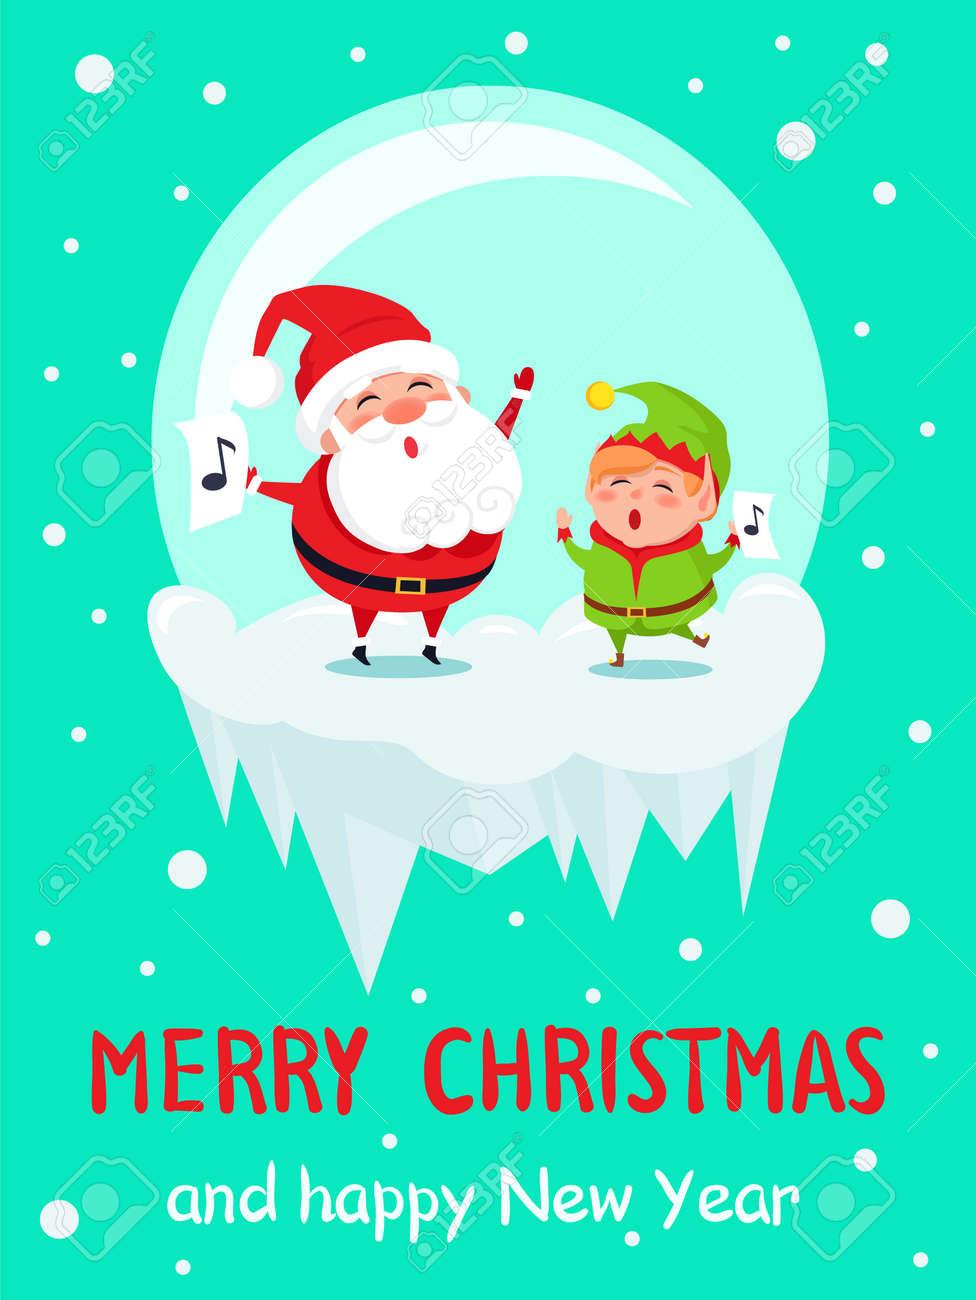 Villancico Feliz Navidad A Todos.Feliz Navidad Feliz Ano Nuevo Cartel Santa Y Elf En Bola De Cristal Cantan Alegremente Canciones De Villancicos Con Signo De La Nota En La Ilustracion